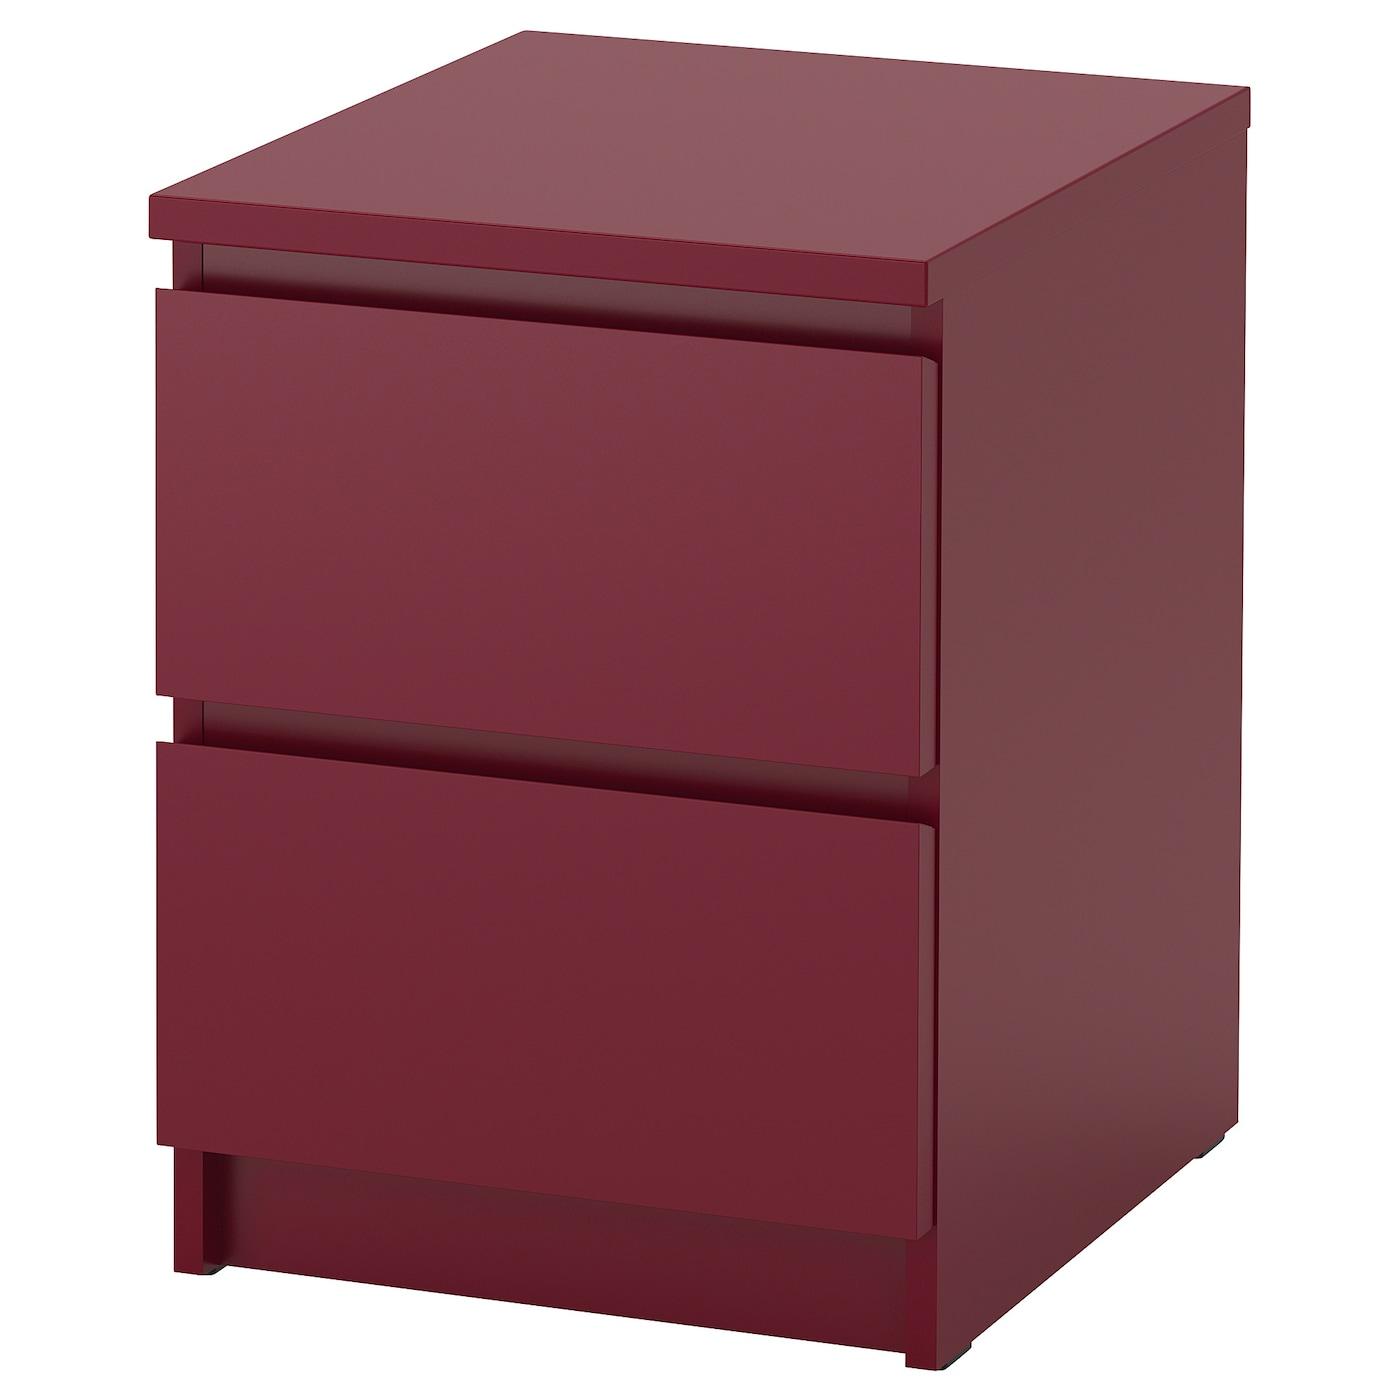 IKEA MALM Komoda, 2 szuflady, ciemnoczerwony, 40x55 cm